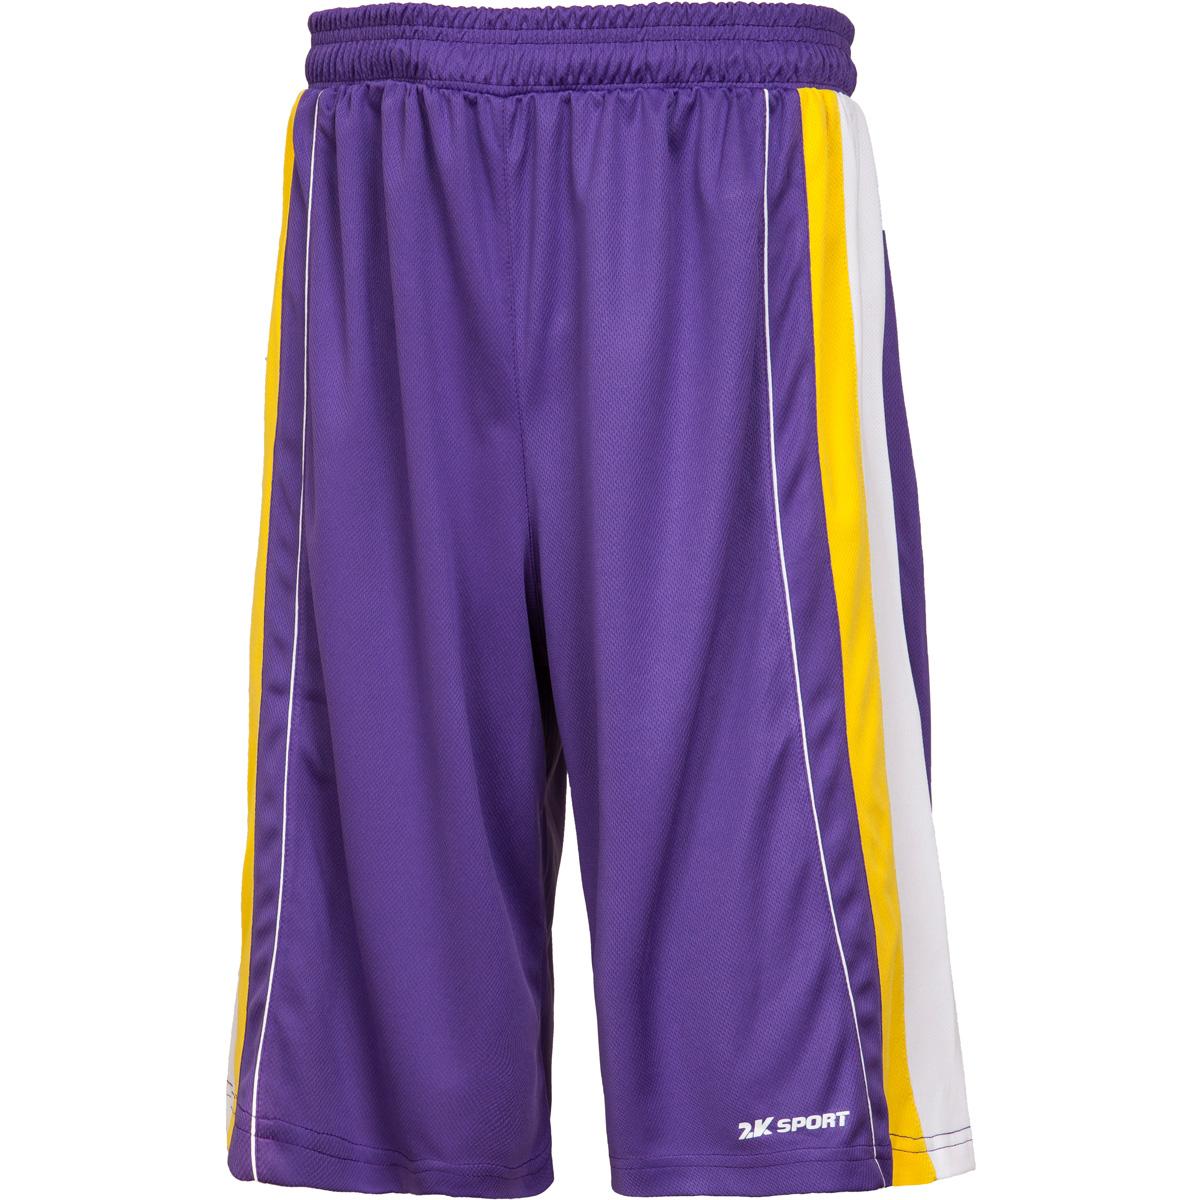 Шорты баскетбольные мужские 2K Sport Advance, цвет: фиолетовый, желтый, белый. 130031. Размер XXL (54)